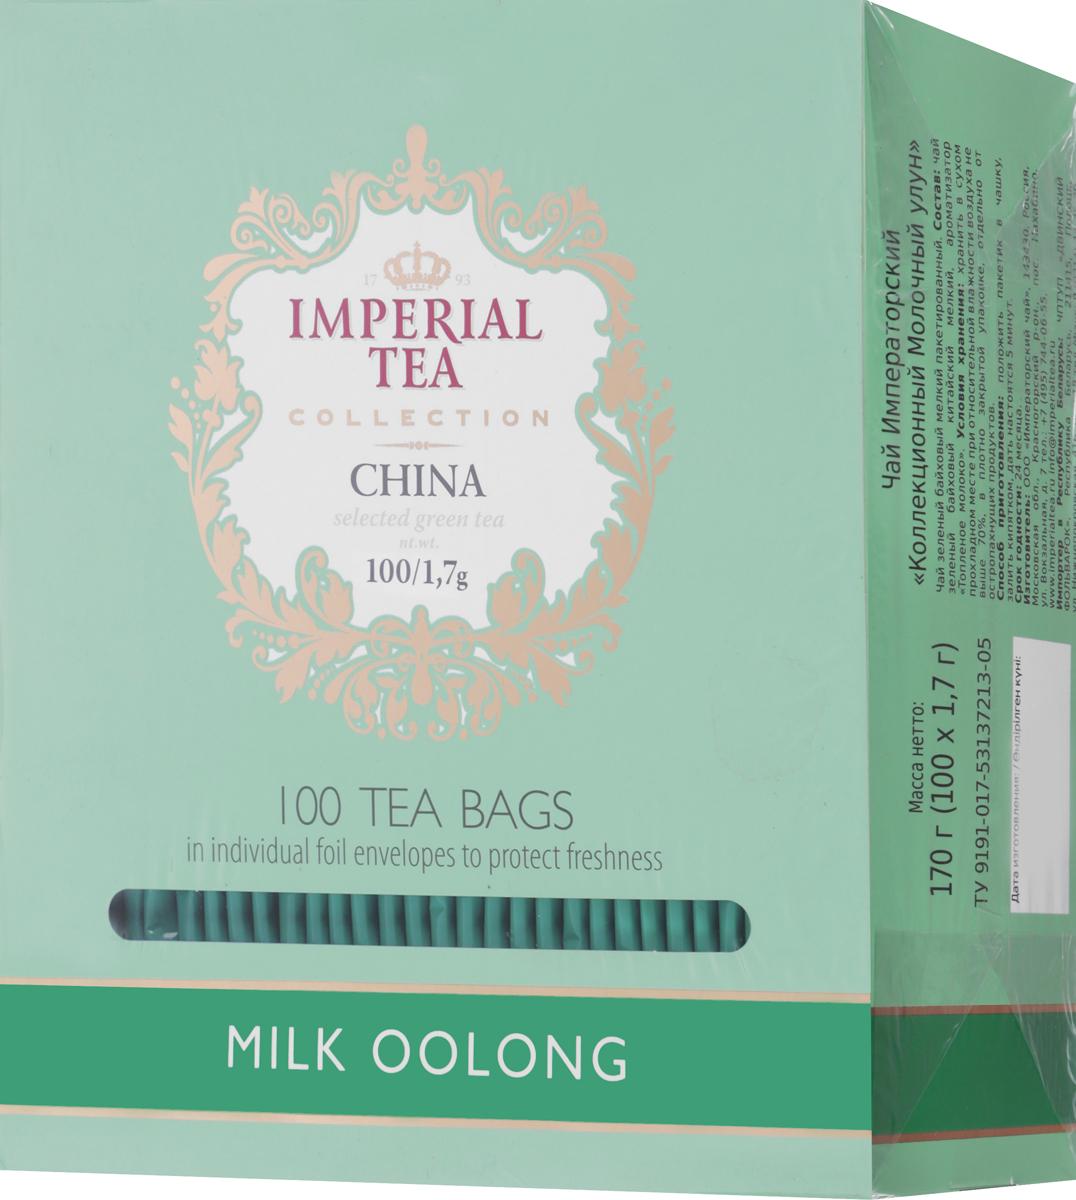 Императорский чай Collection Молочный Улун, 100 шт50-267Необычайно мягкий, чуть сладковатый привкус, тонкие молочно-карамельные нотки аромата и, конечно ни с чем несравнимый молочный оттенок. Даже без сахара, этот чай имеет сладковатый привкус.Всё о чае: сорта, факты, советы по выбору и употреблению. Статья OZON Гид